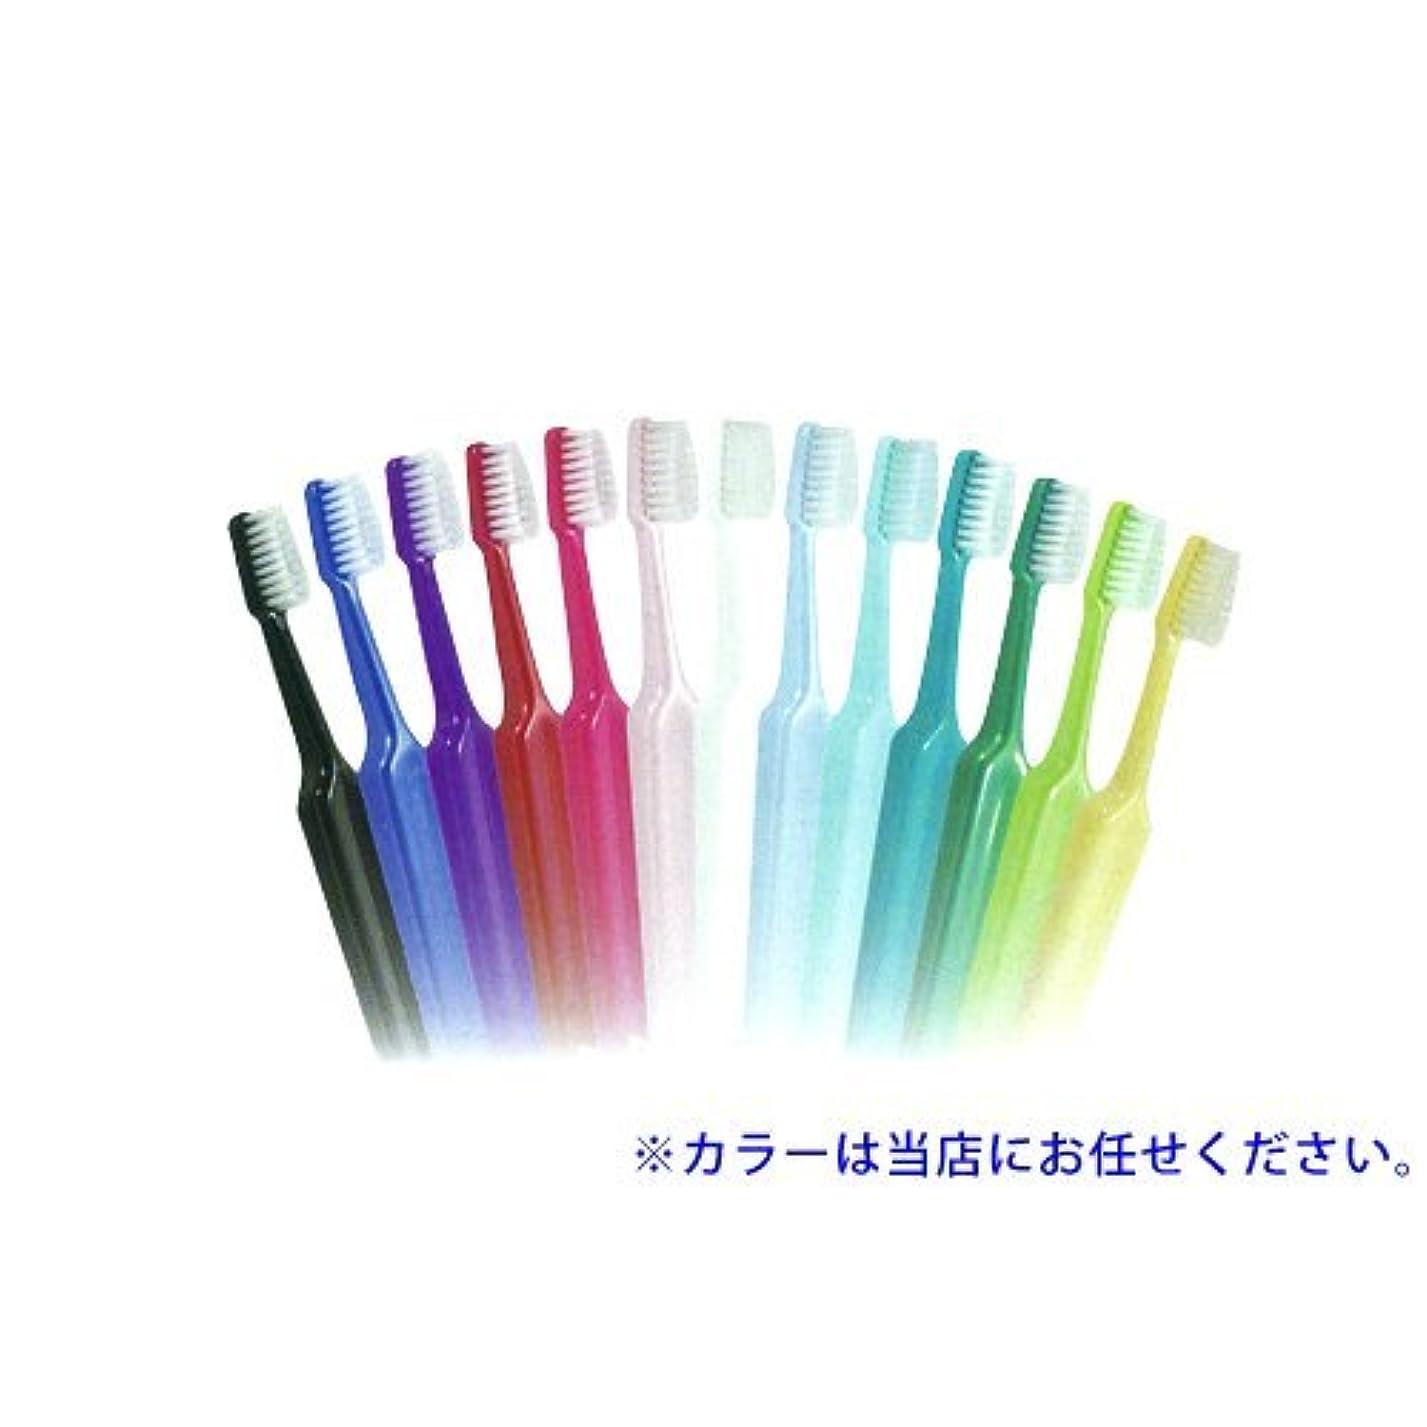 密接に乏しい心配クロスフィールド TePe テペ セレクト 歯ブラシ 1本 エクストラソフト